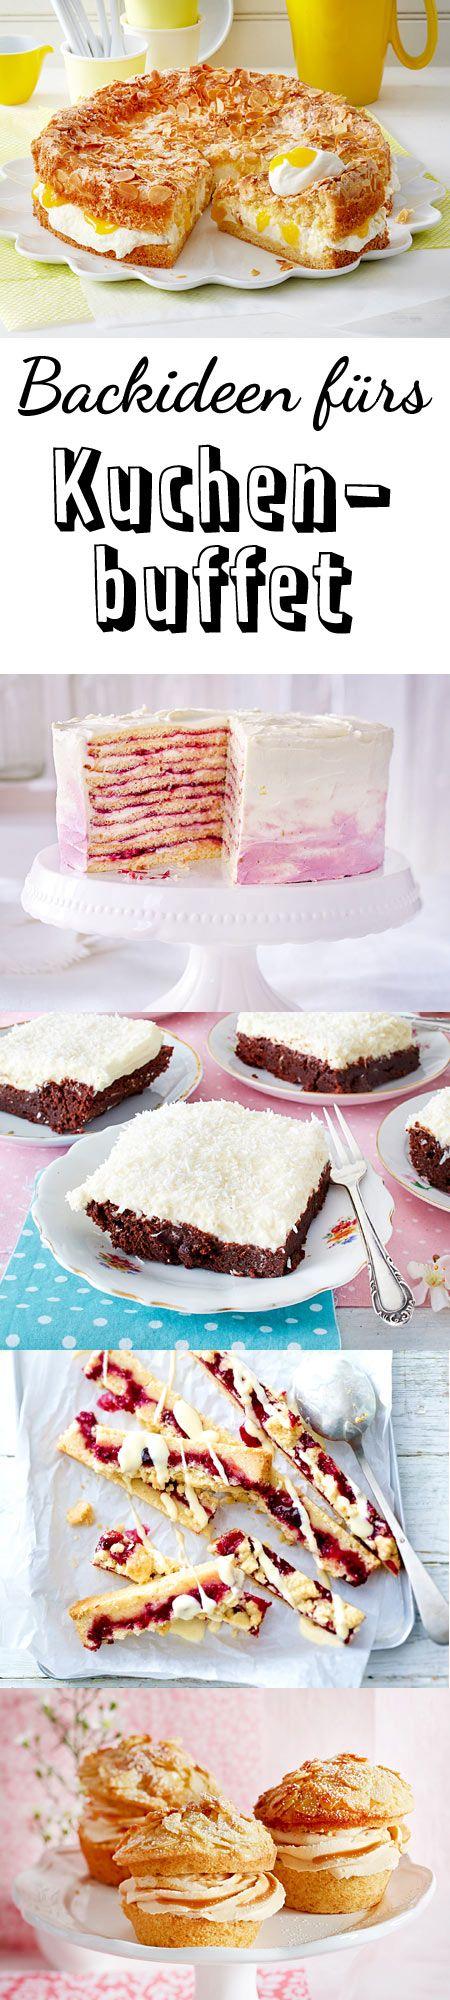 290 besten Kuchen-Liebe Bilder auf Pinterest | Bäckereien ...